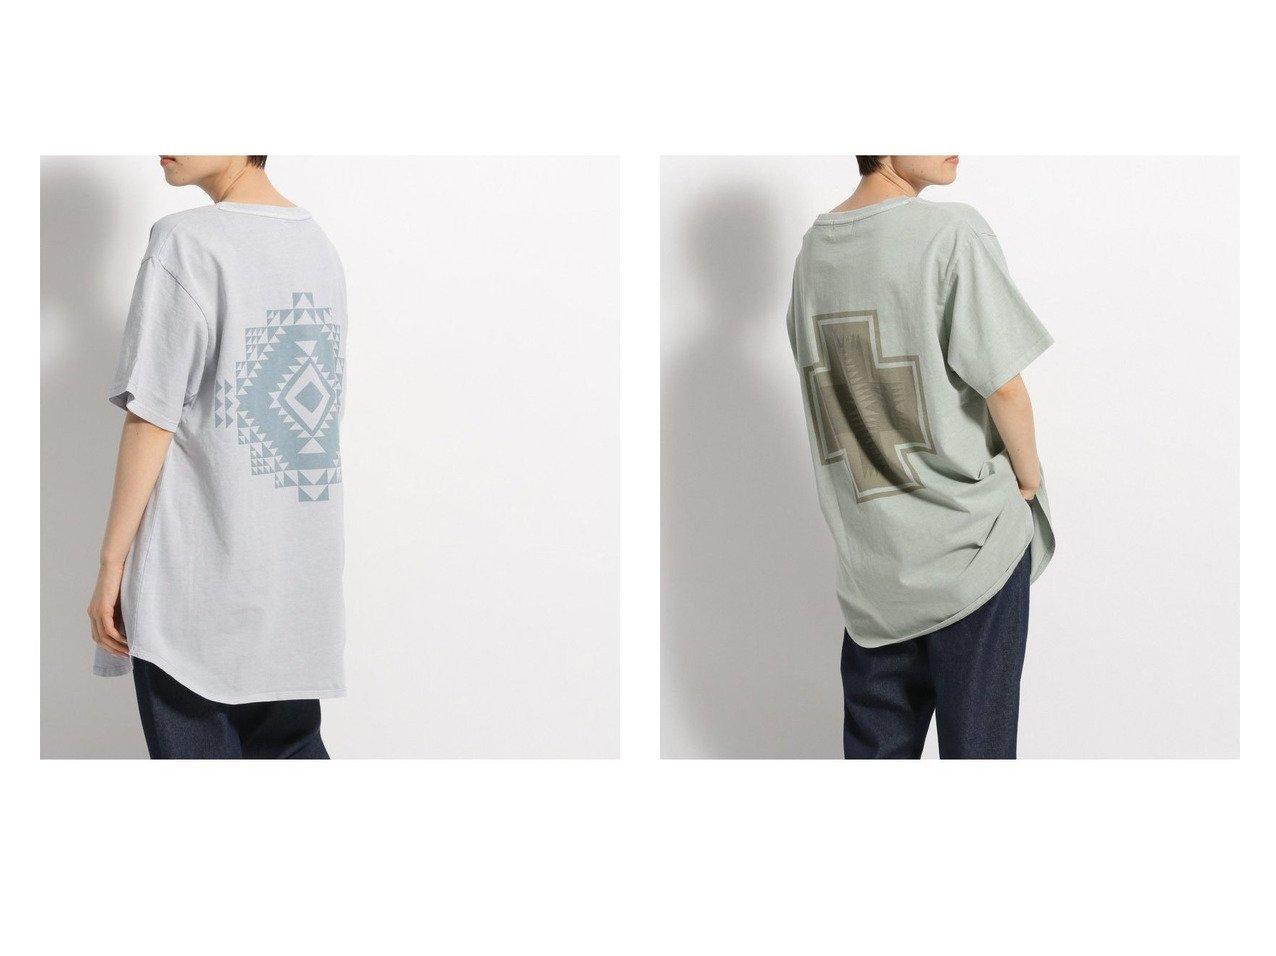 【PENDLETON/ペンドルトン】のベッチュウTシャツ おすすめ!人気トレンド・レディースファッション通販 おすすめで人気の流行・トレンド、ファッションの通販商品 インテリア・家具・メンズファッション・キッズファッション・レディースファッション・服の通販 founy(ファニー) https://founy.com/ ファッション Fashion レディースファッション WOMEN トップス・カットソー Tops/Tshirt シャツ/ブラウス Shirts/Blouses ロング / Tシャツ T-Shirts カットソー Cut and Sewn アメリカン カットソー ネイティブ ブランケット プリント 別注 モチーフ ラウンド NEW・新作・新着・新入荷 New Arrivals お家時間・ステイホーム Home Time/Stay Home |ID:crp329100000046827